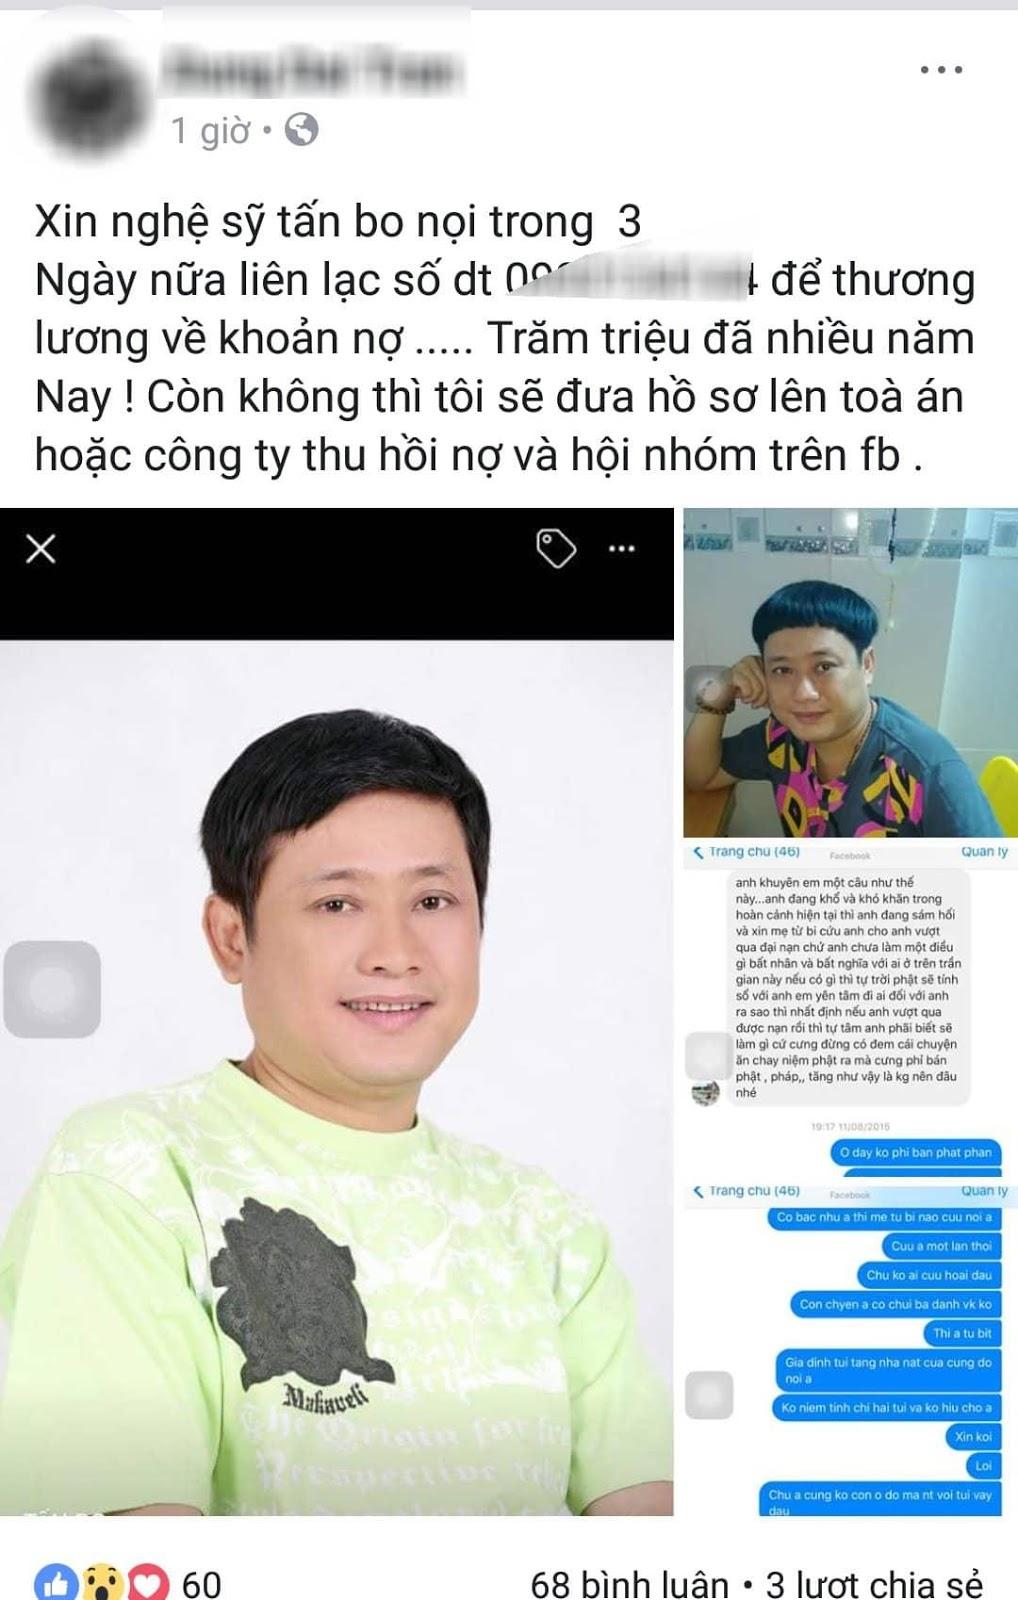 Nghệ sĩ Tấn Bo bị tố quỵt tiền, trốn nợ hàng trăm triệu - Hình 2